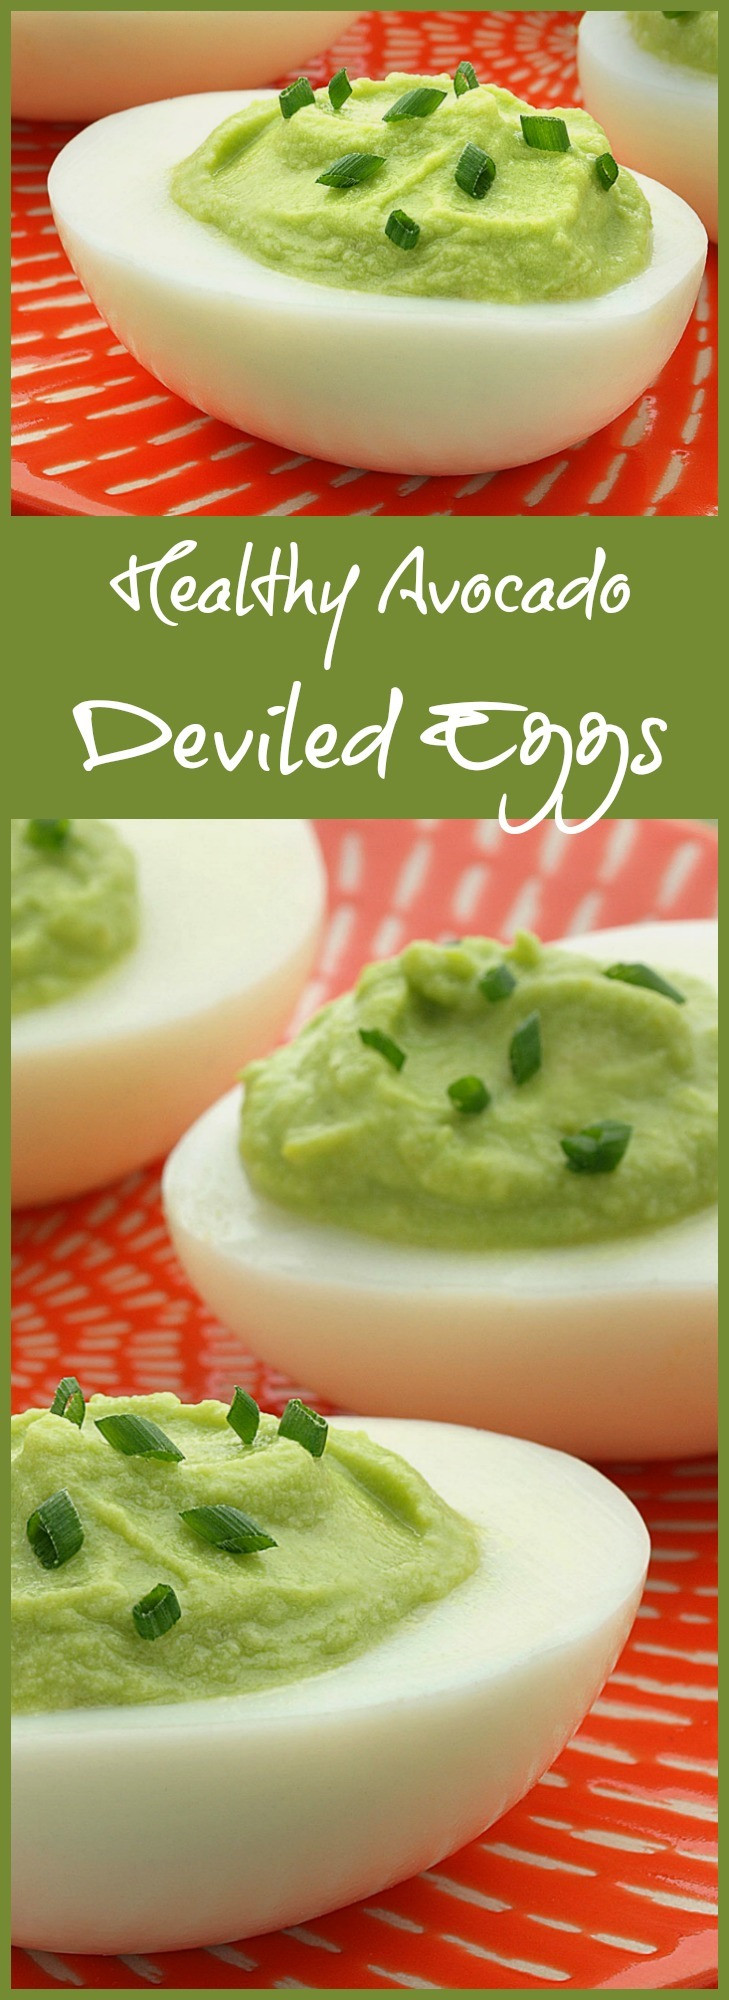 Healthy Avocado Deviled Eggs  Healthy Avocado Deviled Eggs